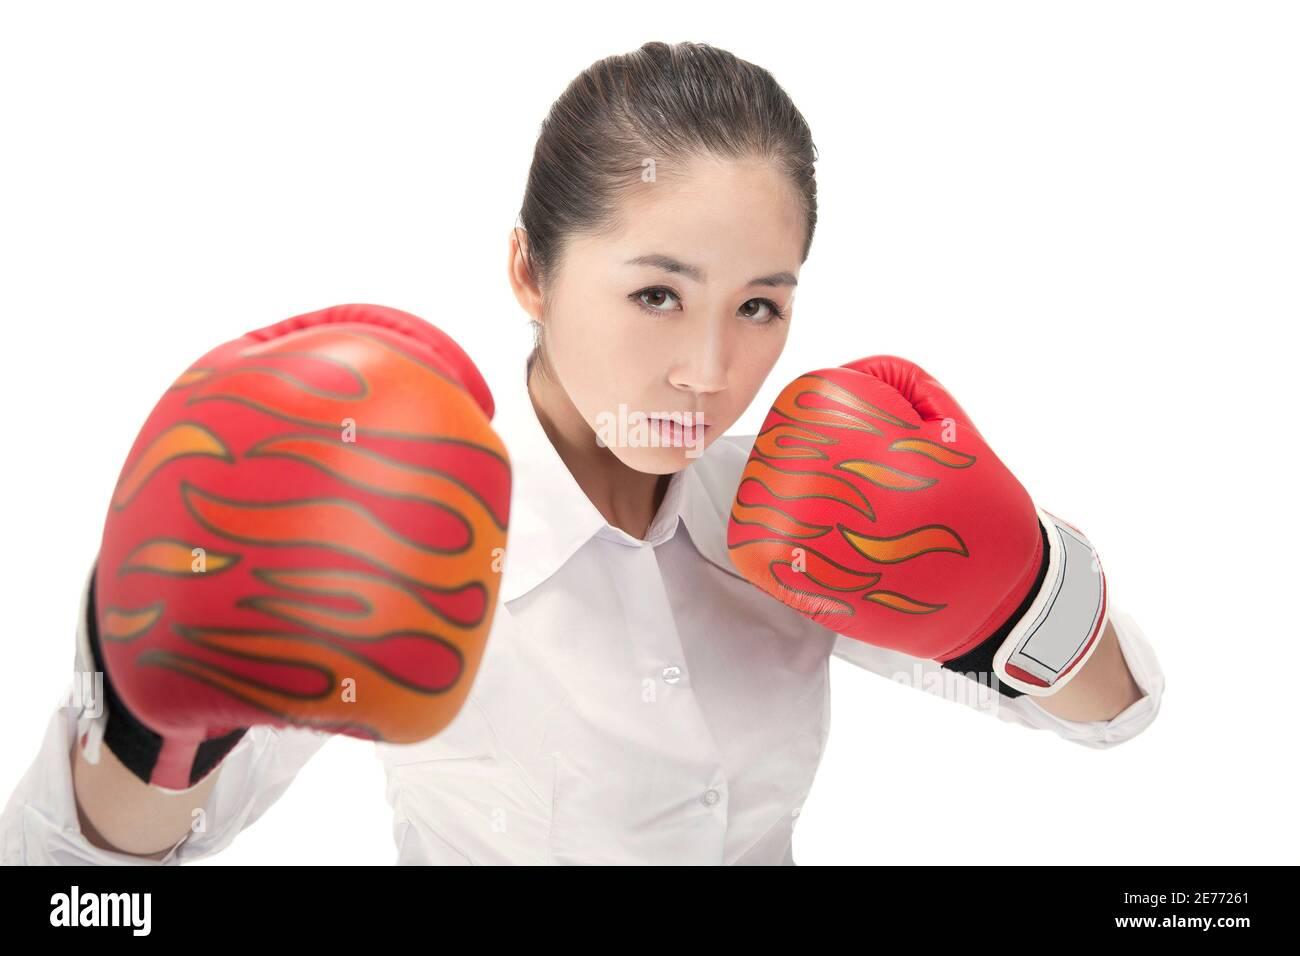 Mujer de negocios con guantes de boxeo foto de alta calidad Foto de stock